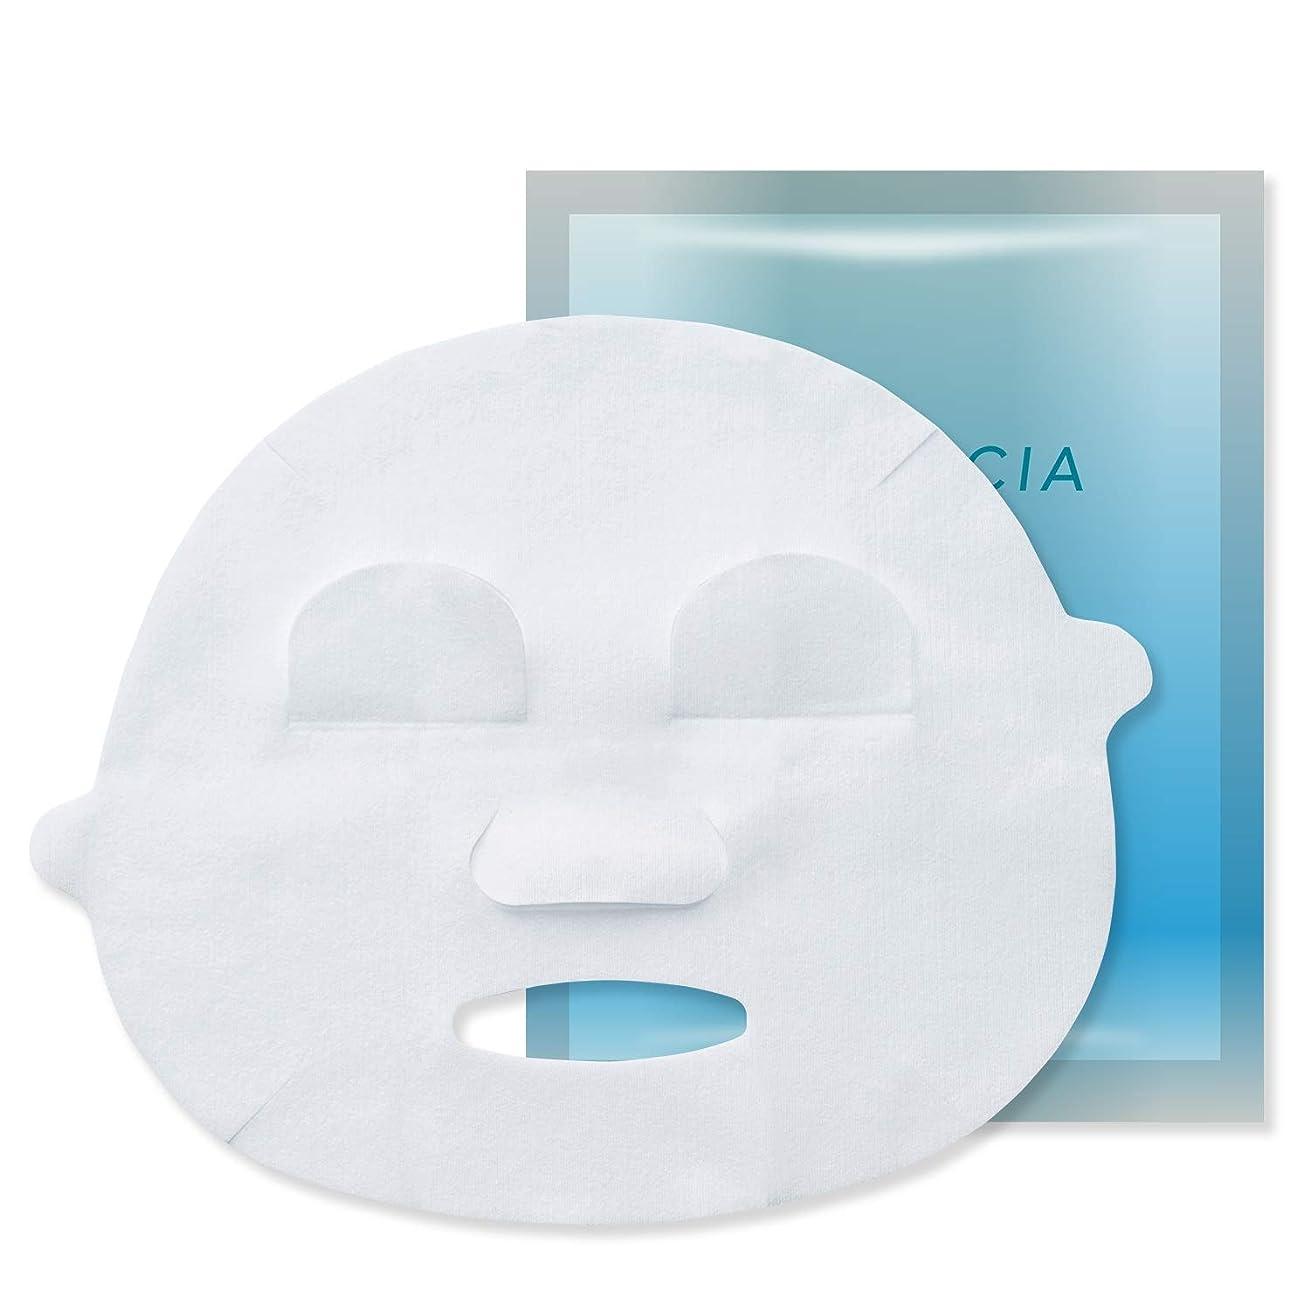 ペスト超える空白DECENCIA(ディセンシア) 【乾燥?敏感肌用保湿マスク】つつむ モイスト フェイスマスク(5枚入)